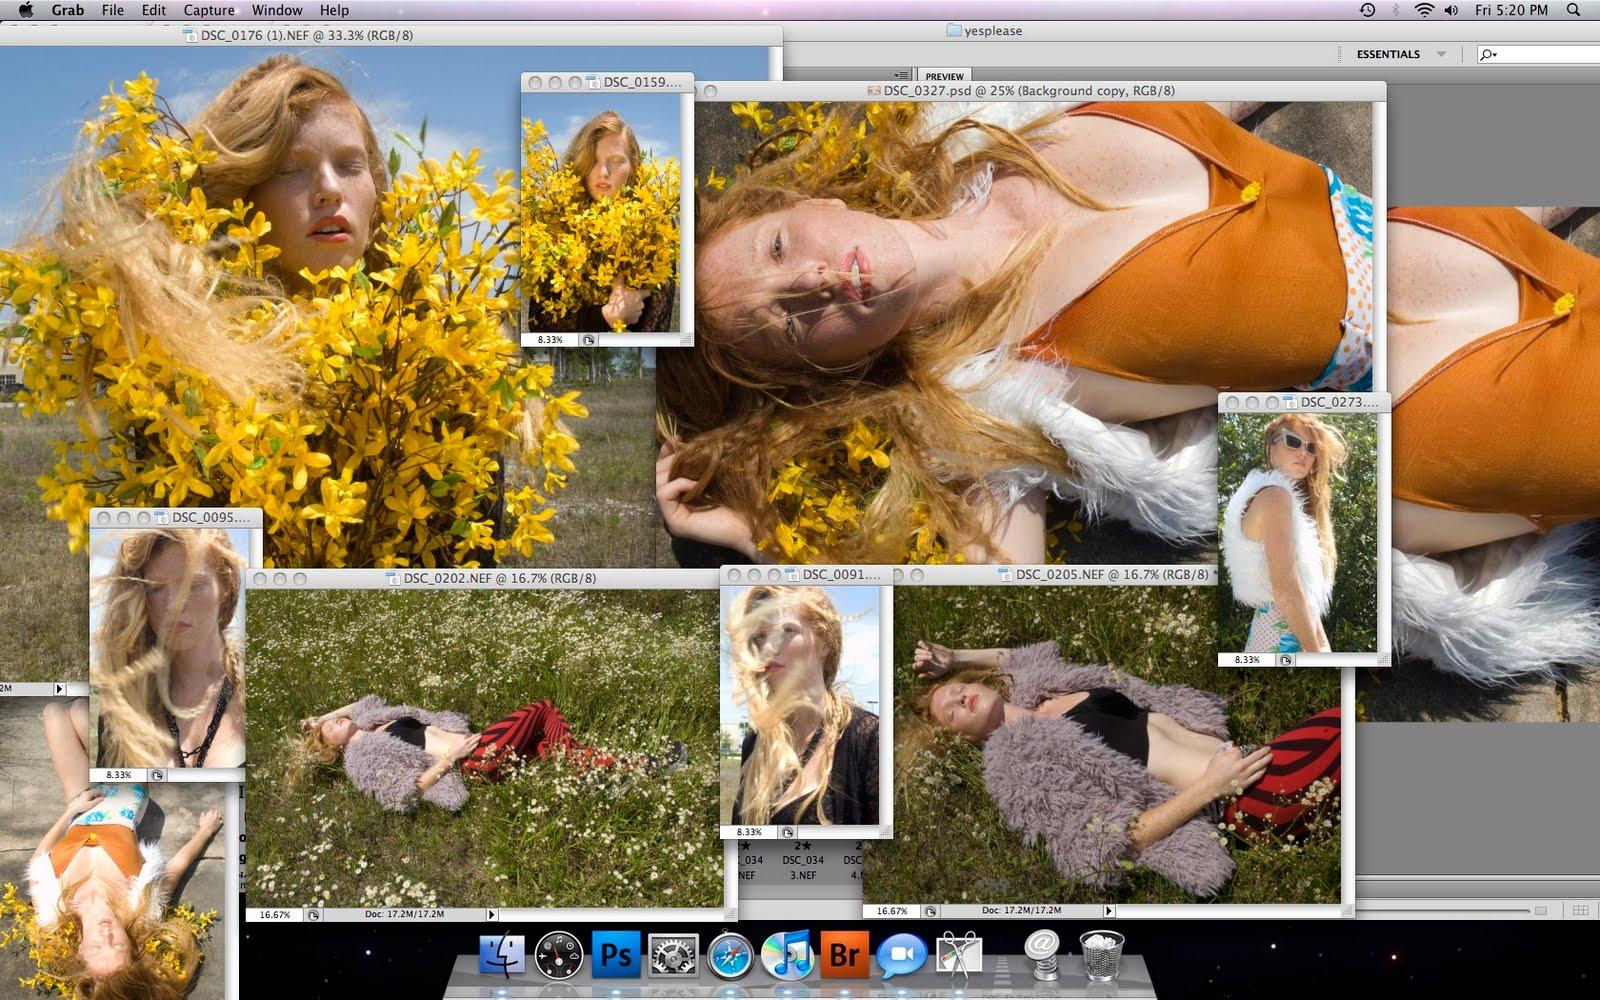 http://4.bp.blogspot.com/_NFXQSBh9eEo/S-6dTXS2mXI/AAAAAAAAA48/Pli5mL1o3X4/s1600/haleyscreen1.jpg